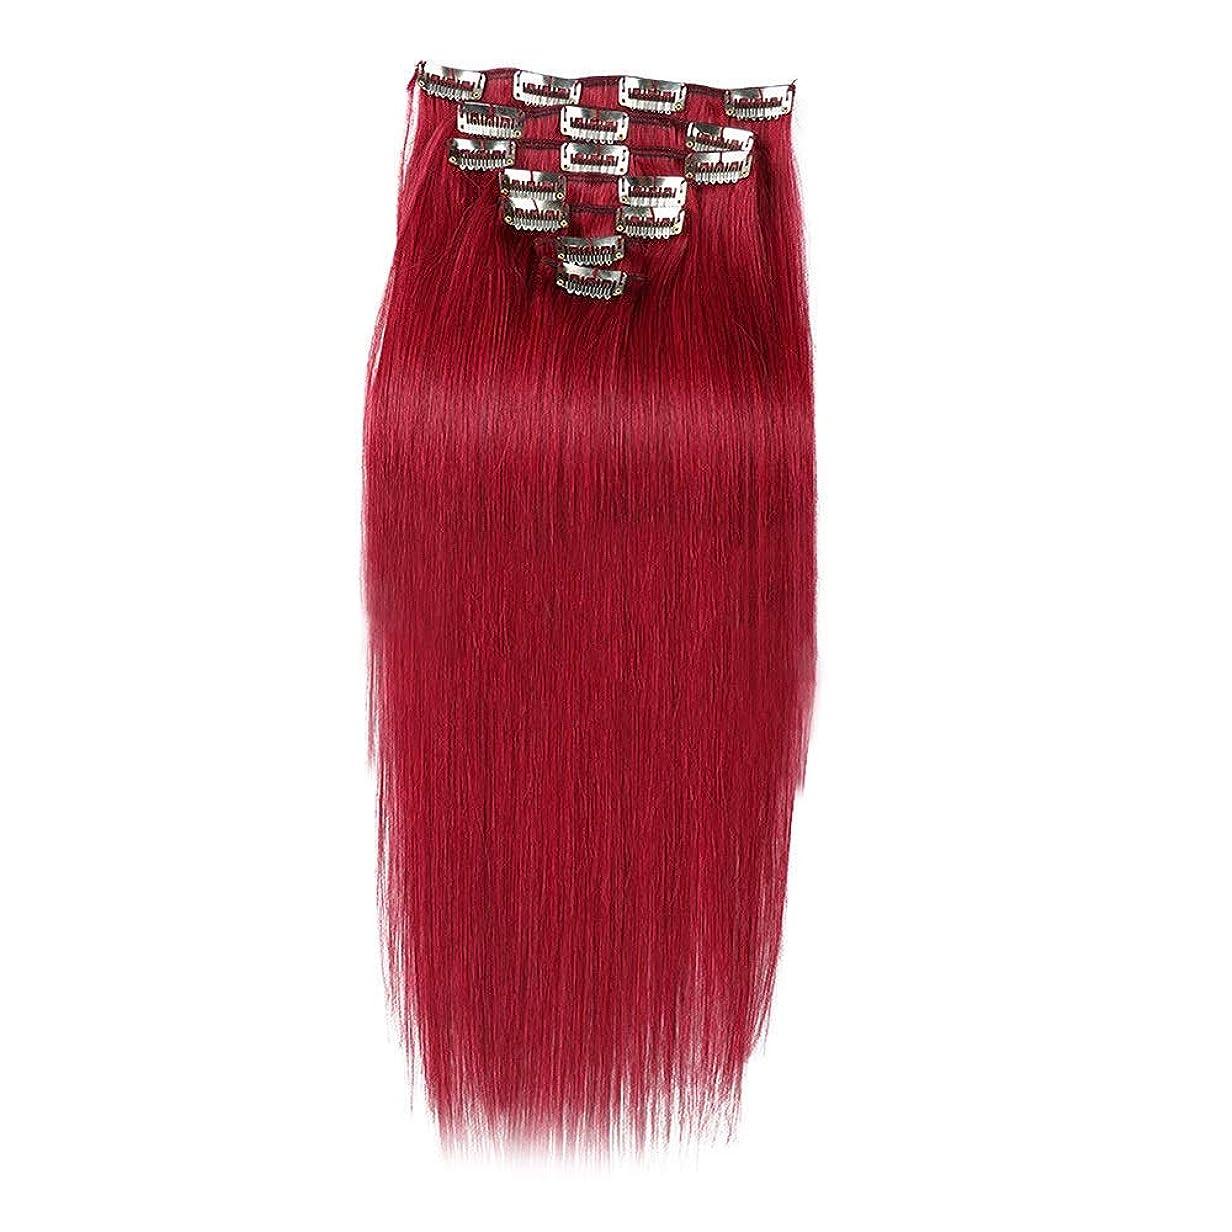 ギャング好意平和YESONEEP ヘアエクステンション人毛16インチ7個70gダブル横糸ソフトストレートヘア用女性かつら赤いかつら (色 : #BURG)